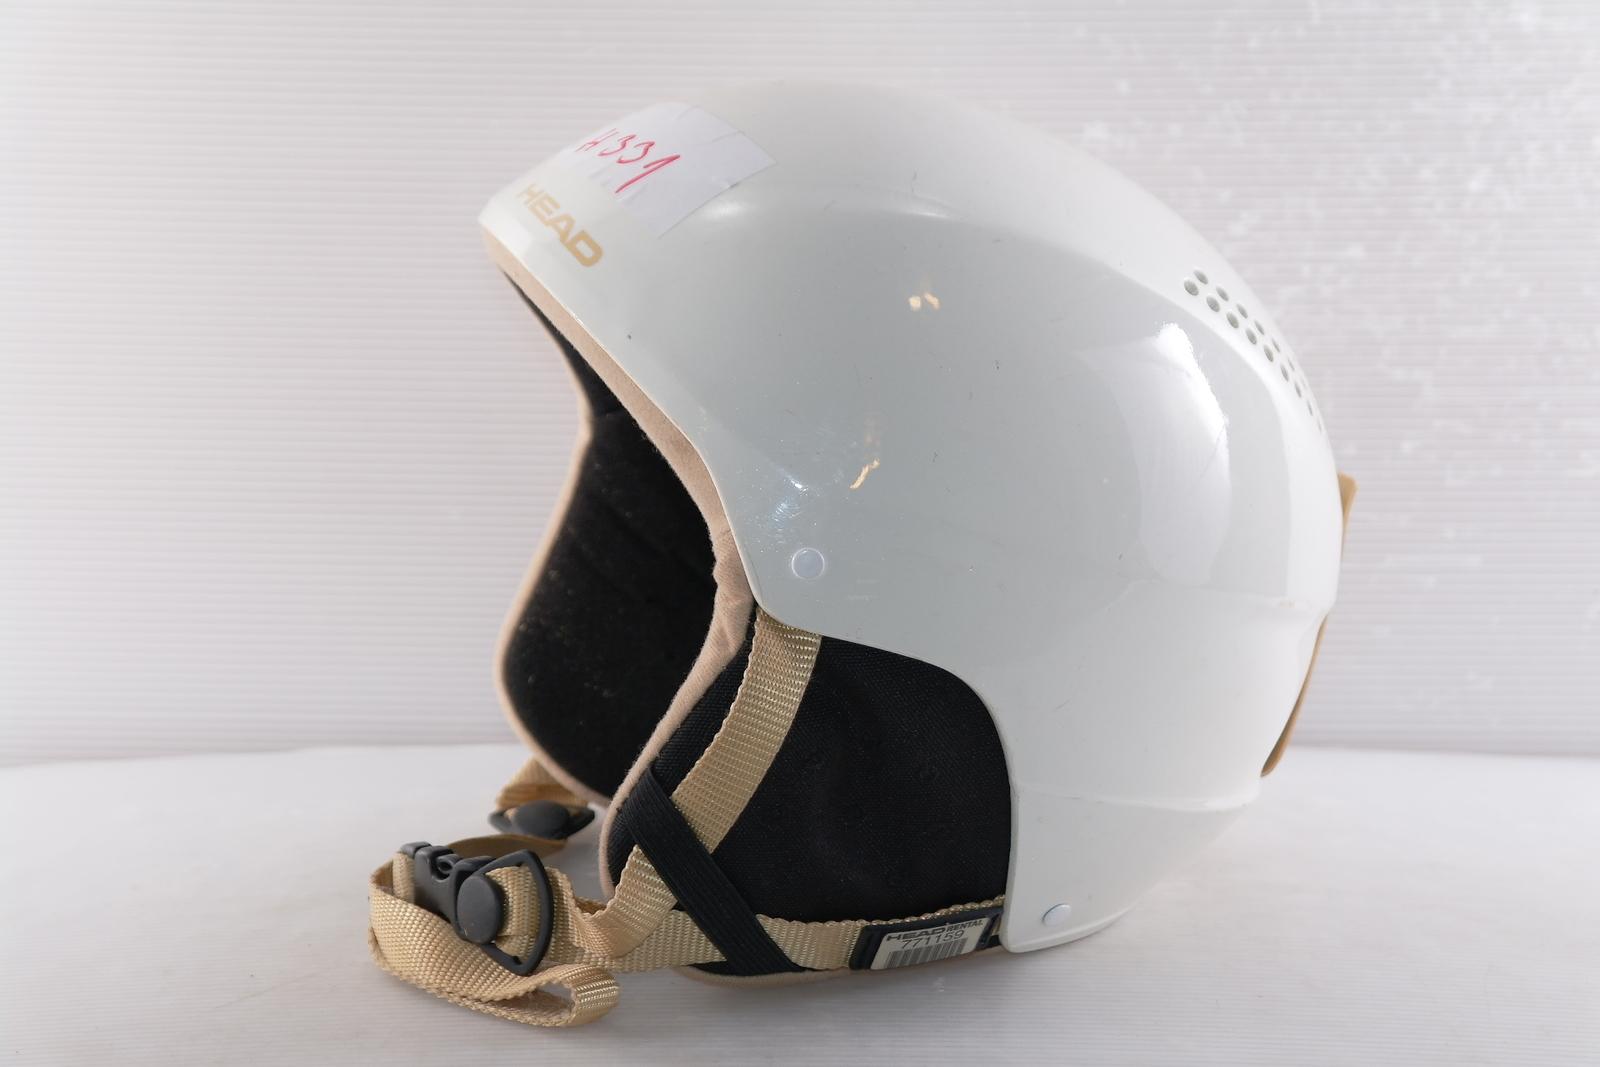 Lyžařská helma Head Ventor Youth R posuvná - posuvná vel. 56 - 59